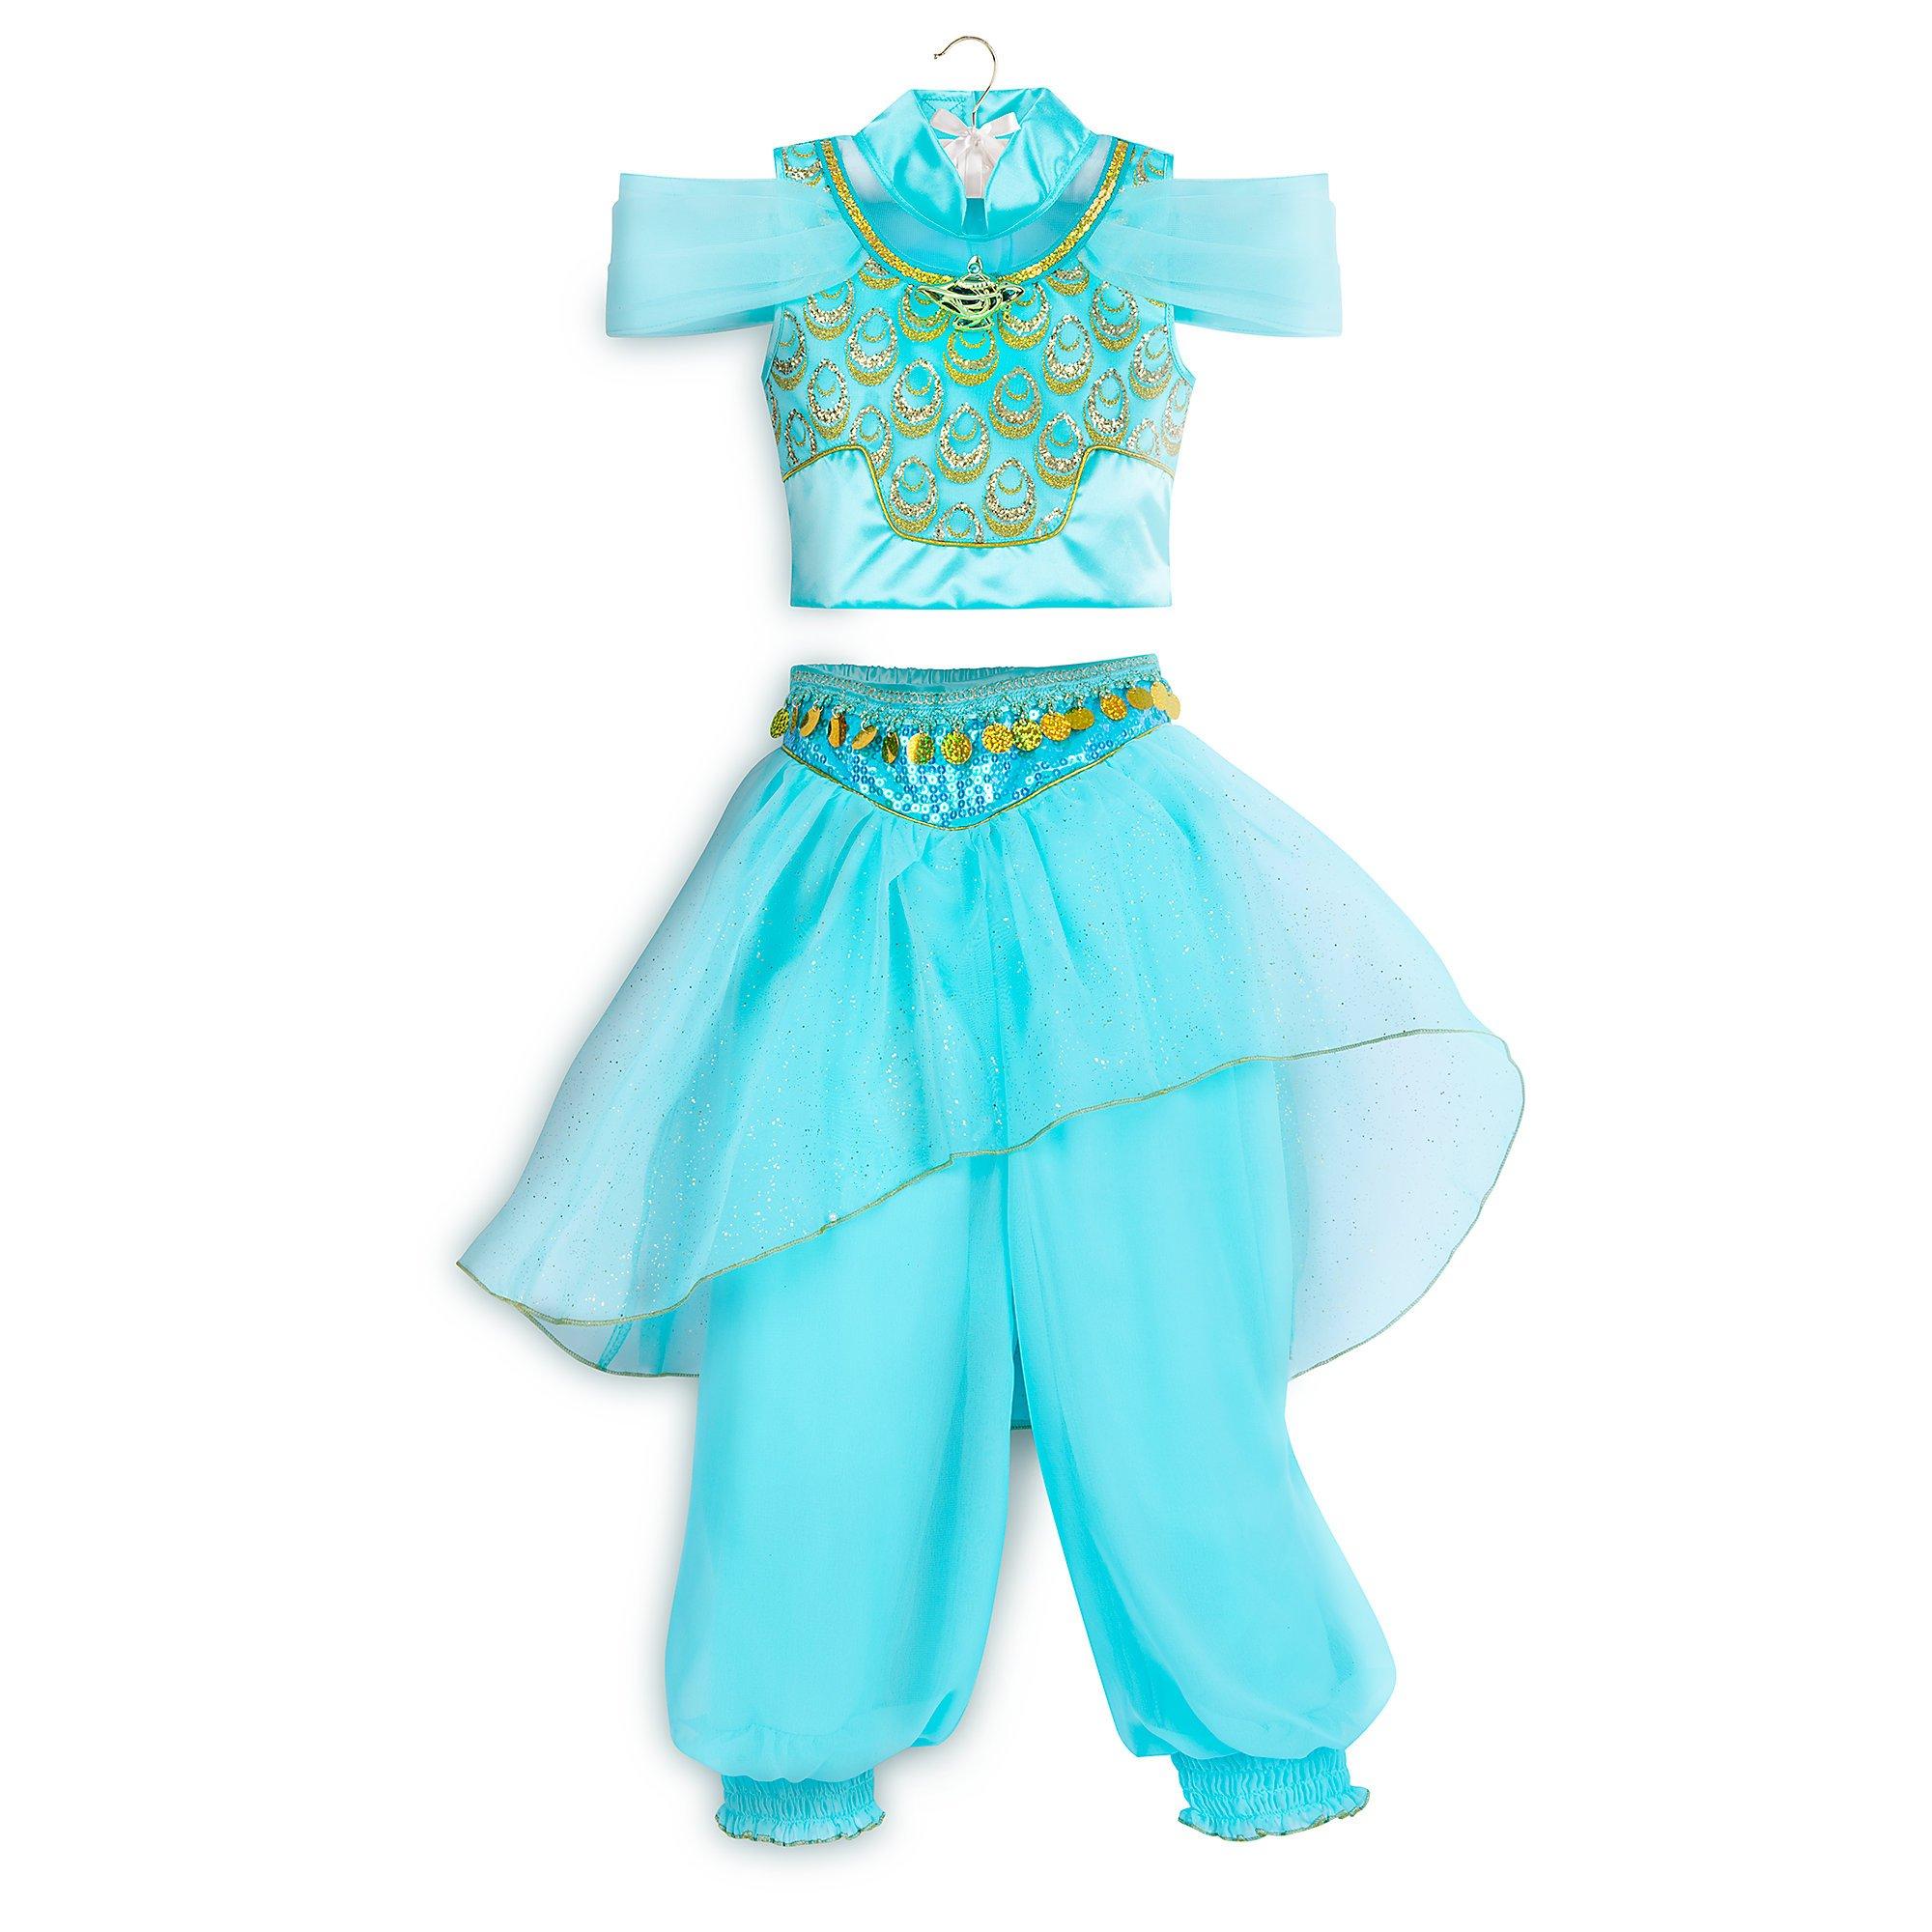 Disney Jasmine Costume for Kids - Aladdin Size 9/10 Blue